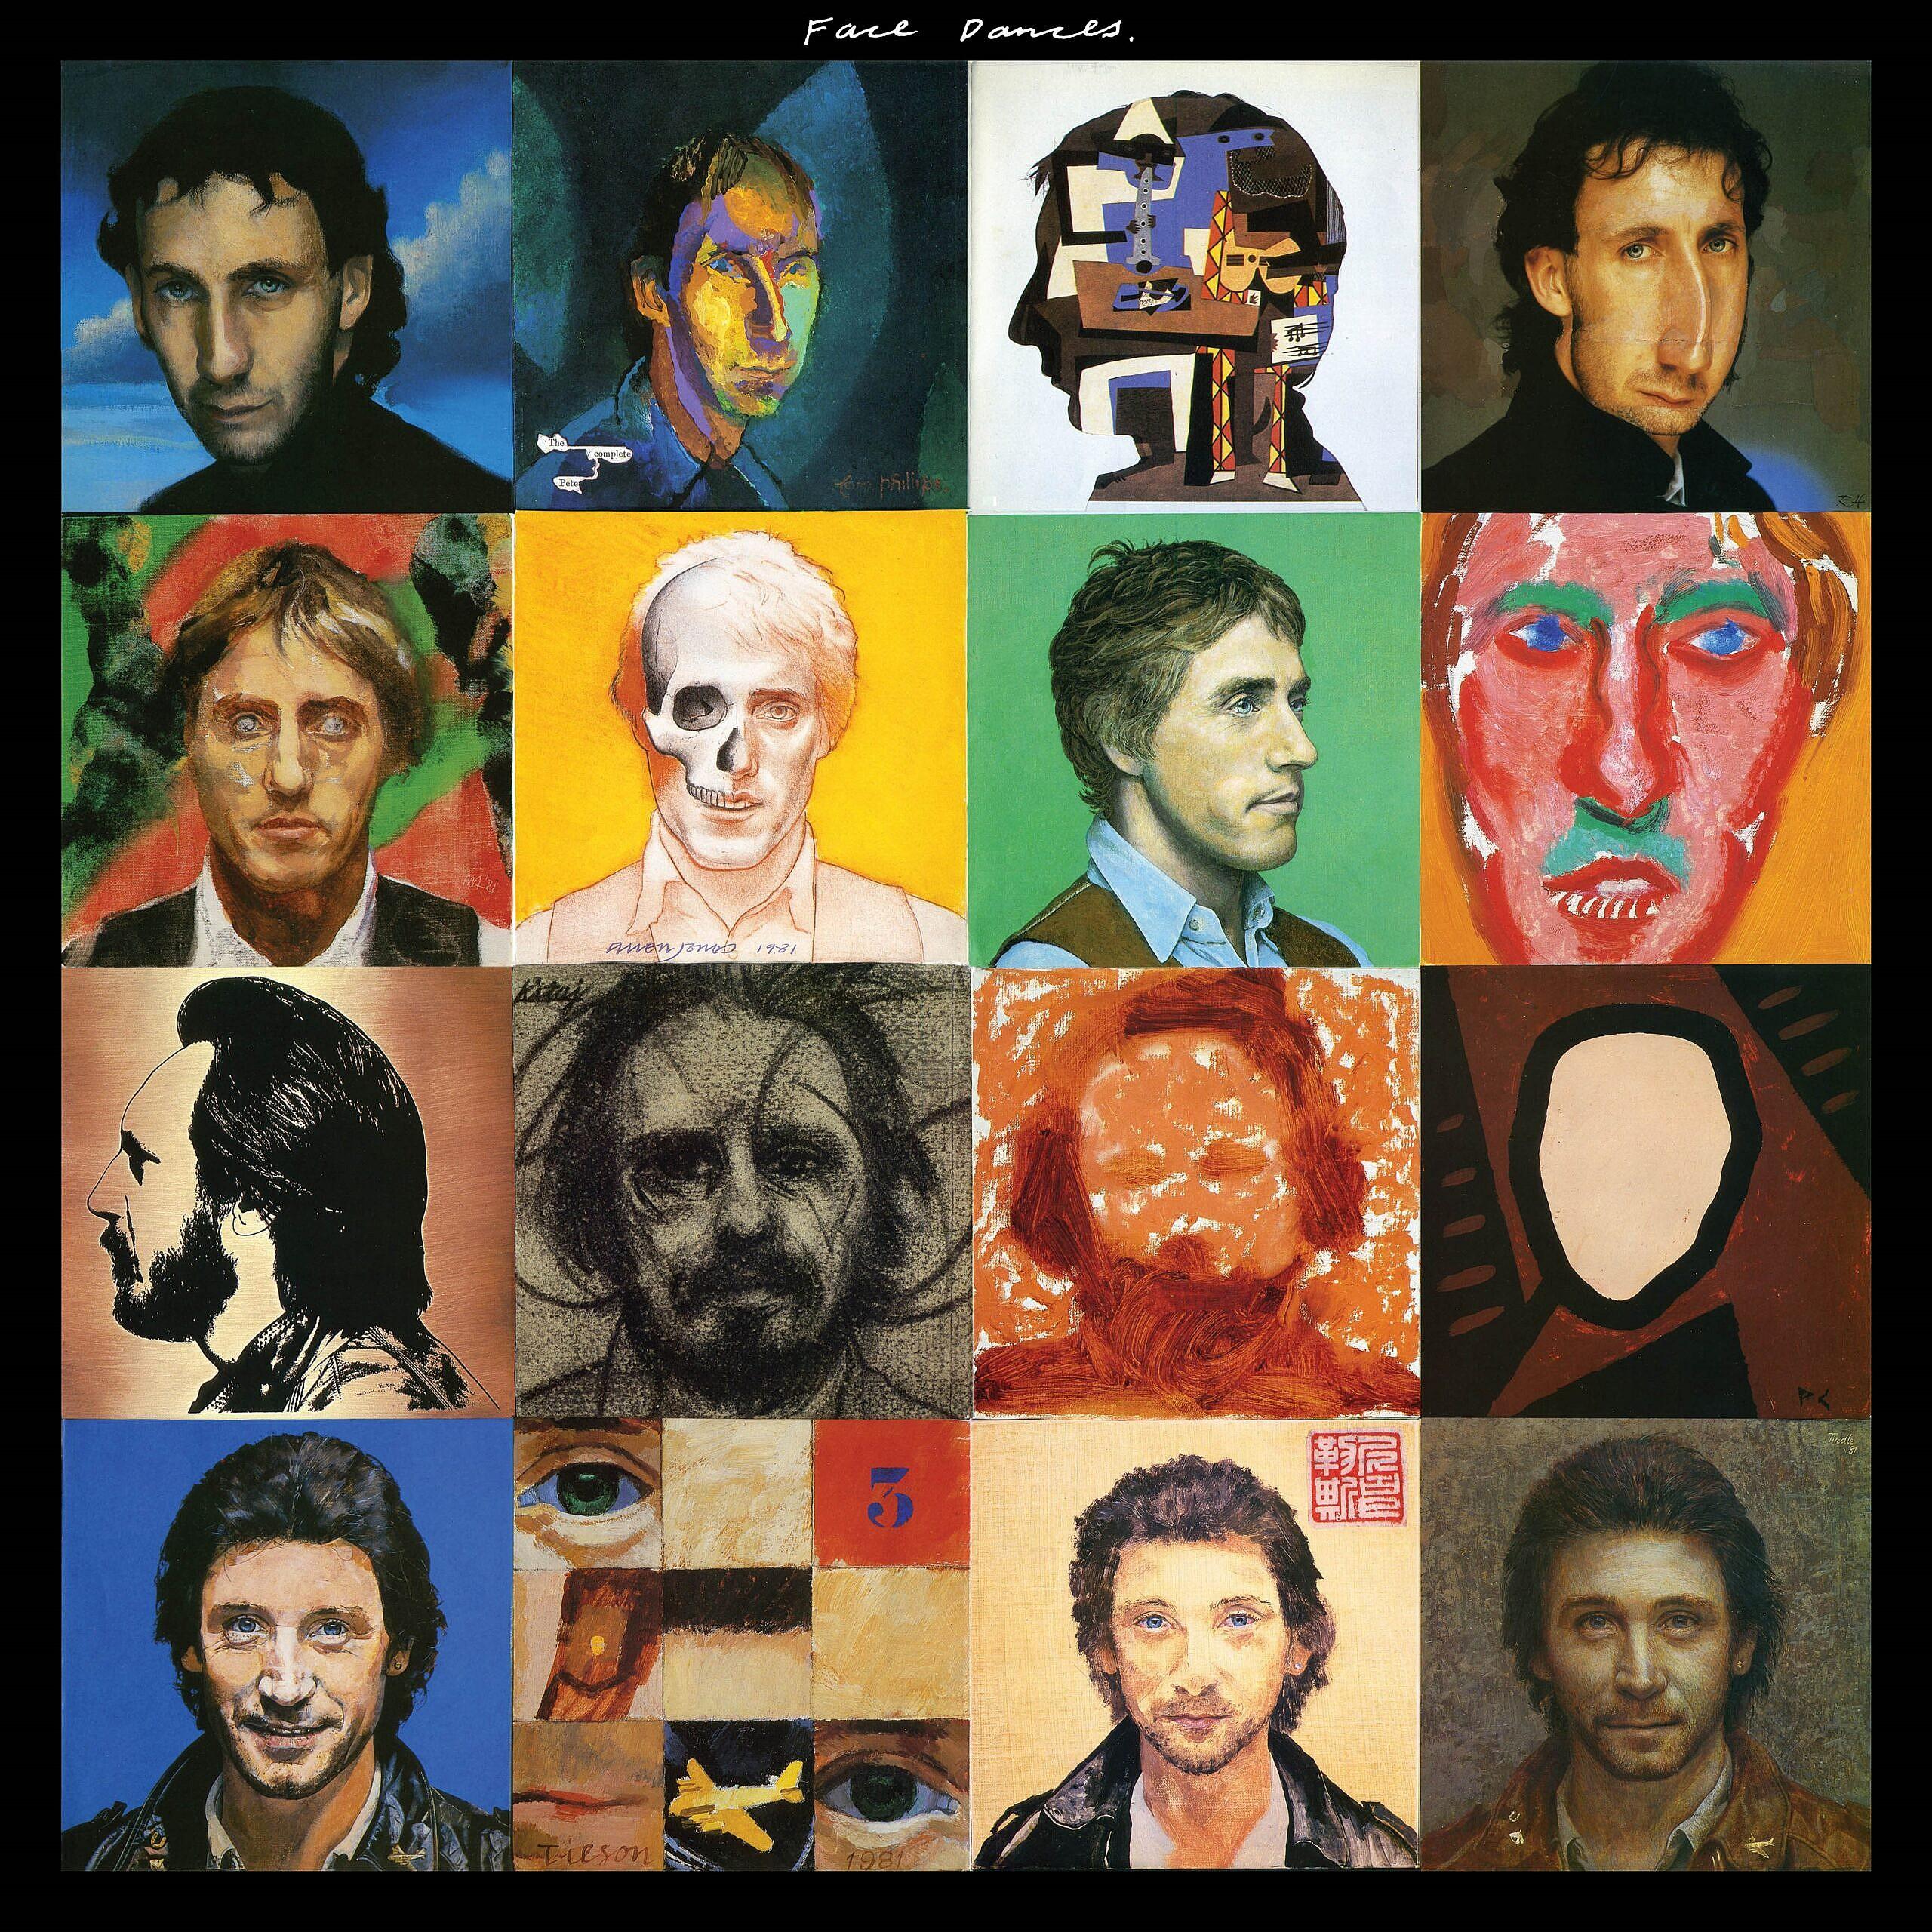 Face Dances - Coloured Vinyl